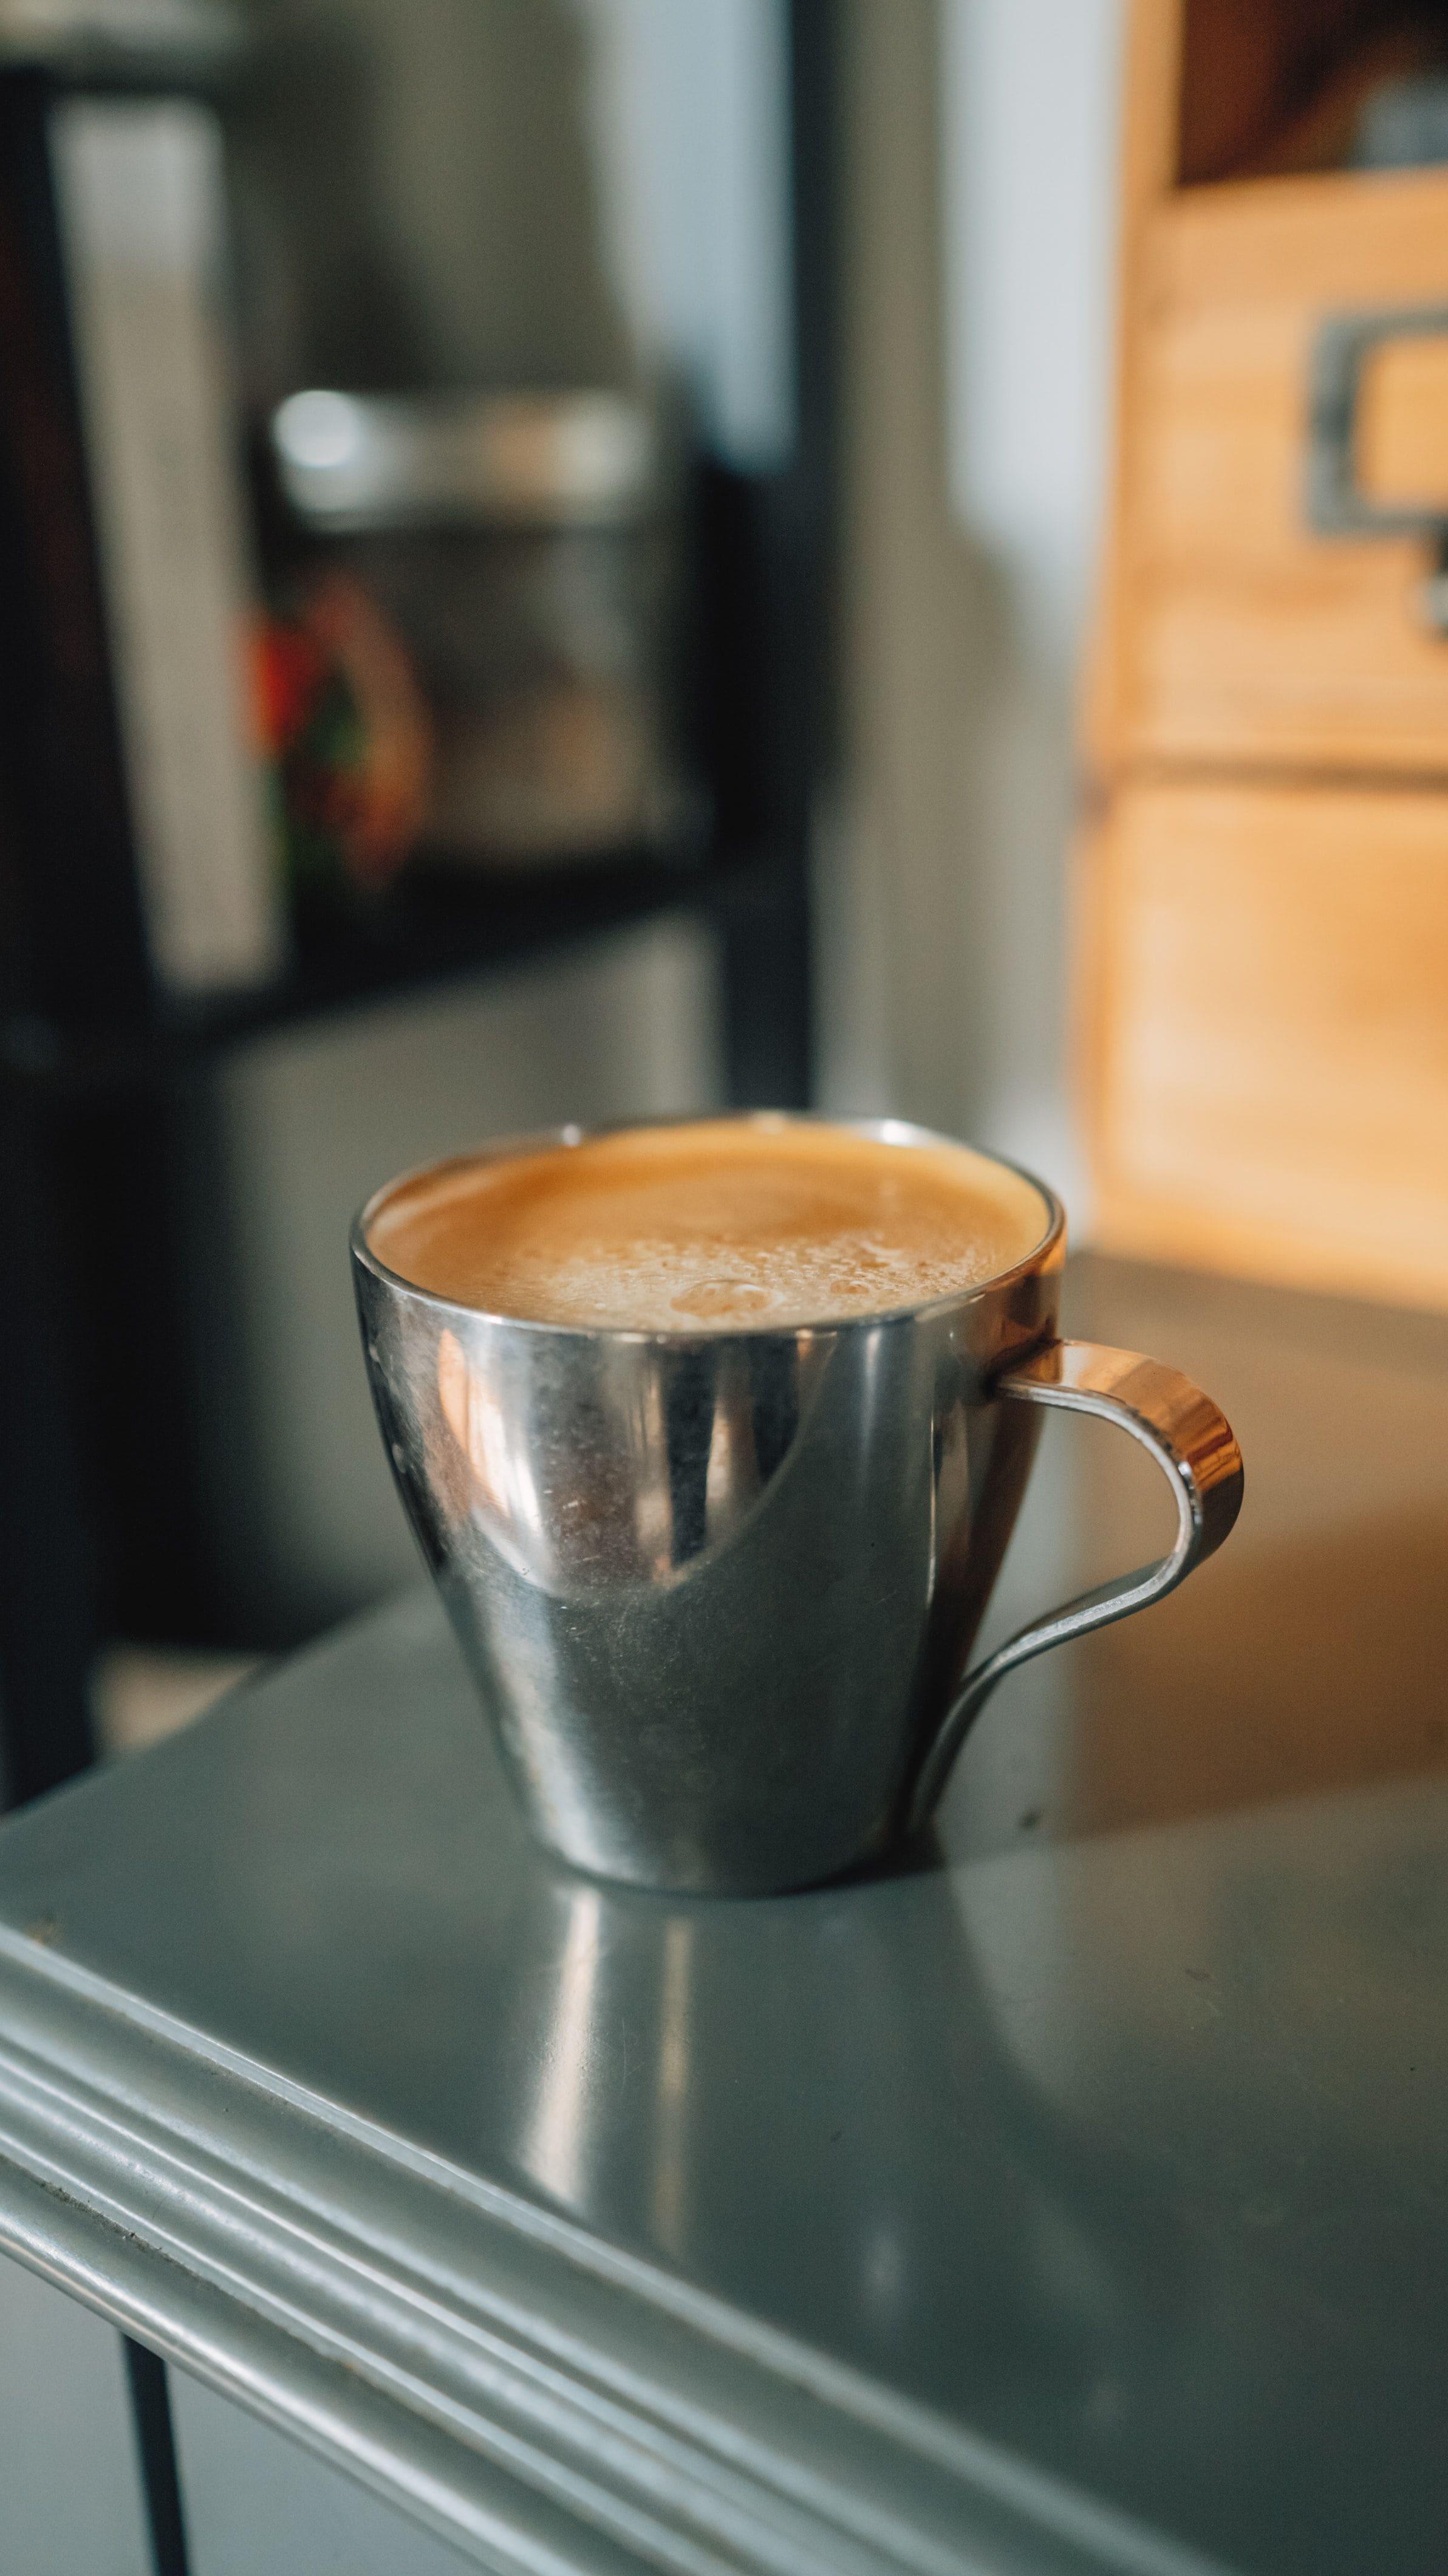 кафе в металлической чашке